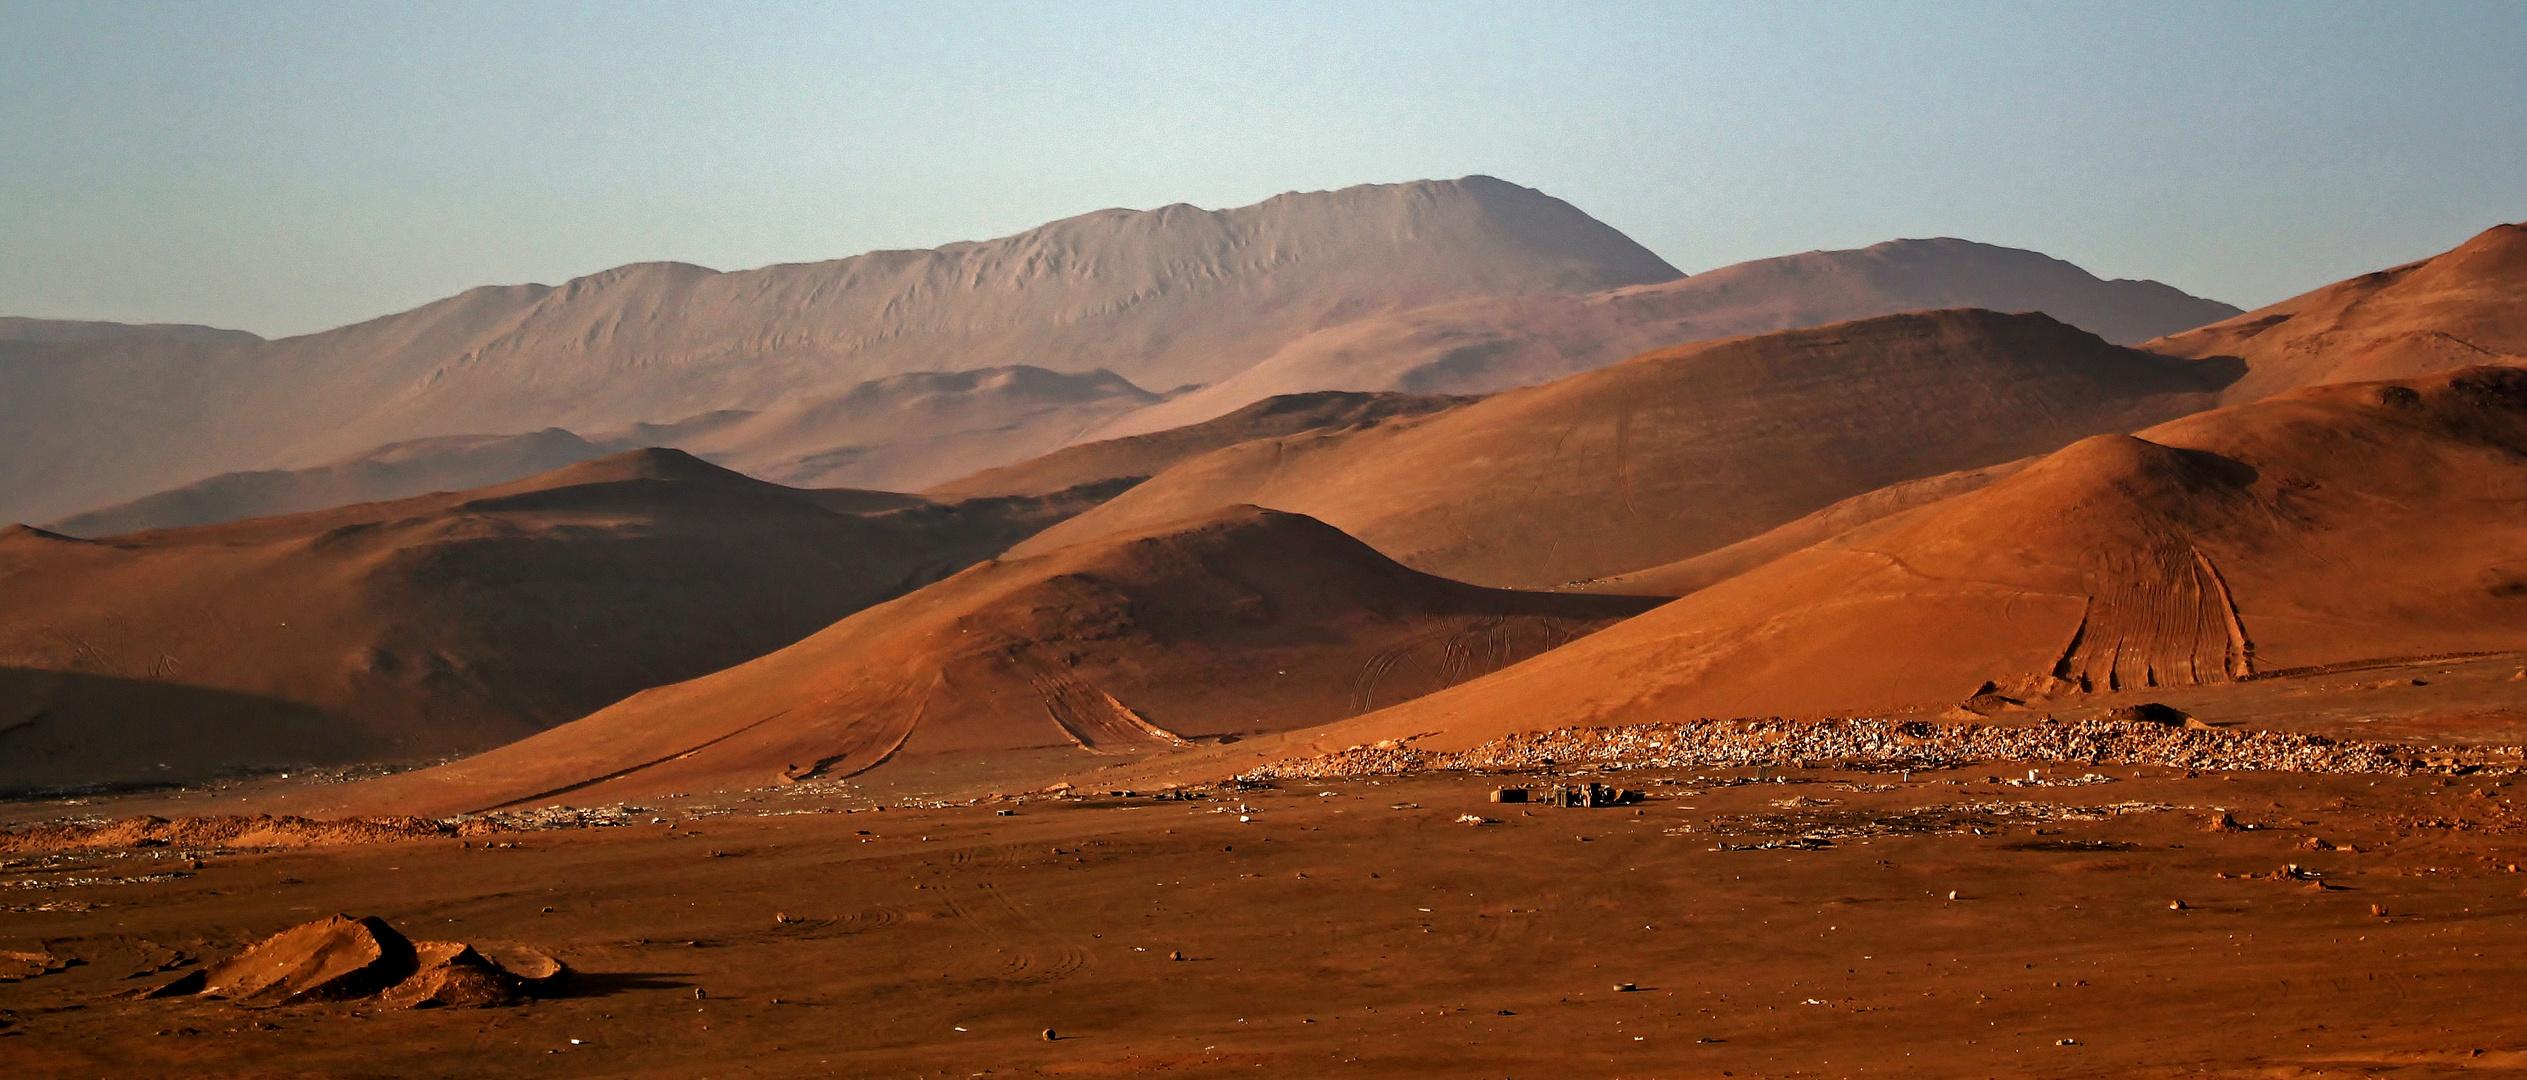 Burning Desert